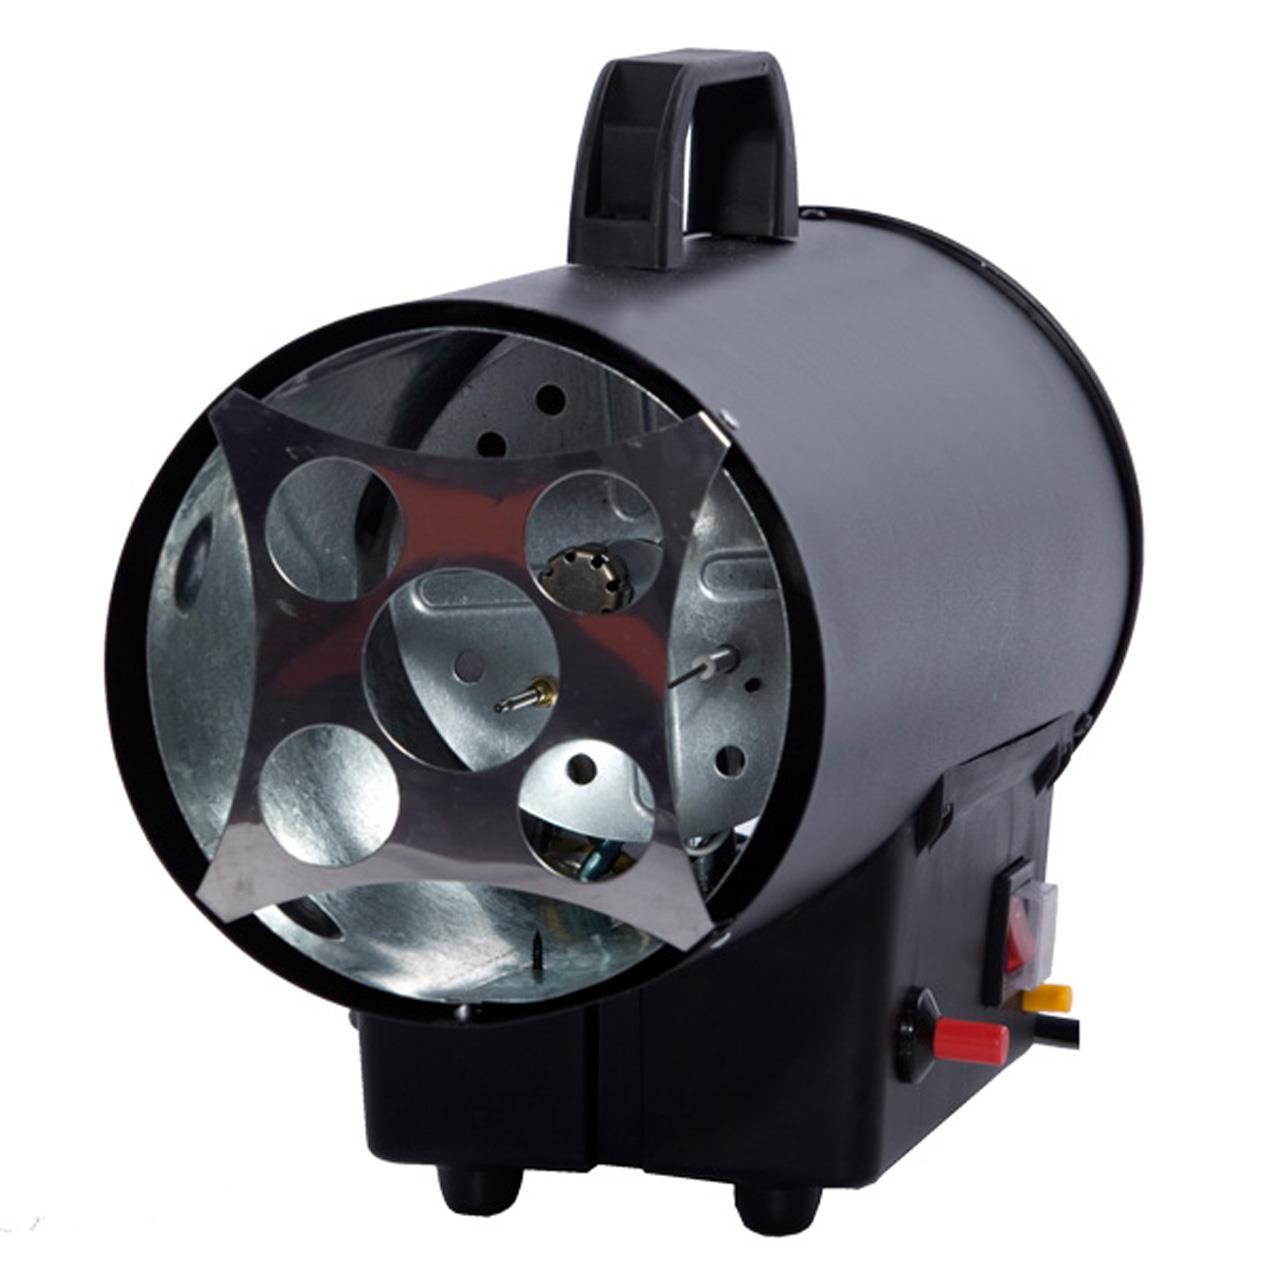 FUXTEC Gasheizer GH10 - 10kW Heizleistung